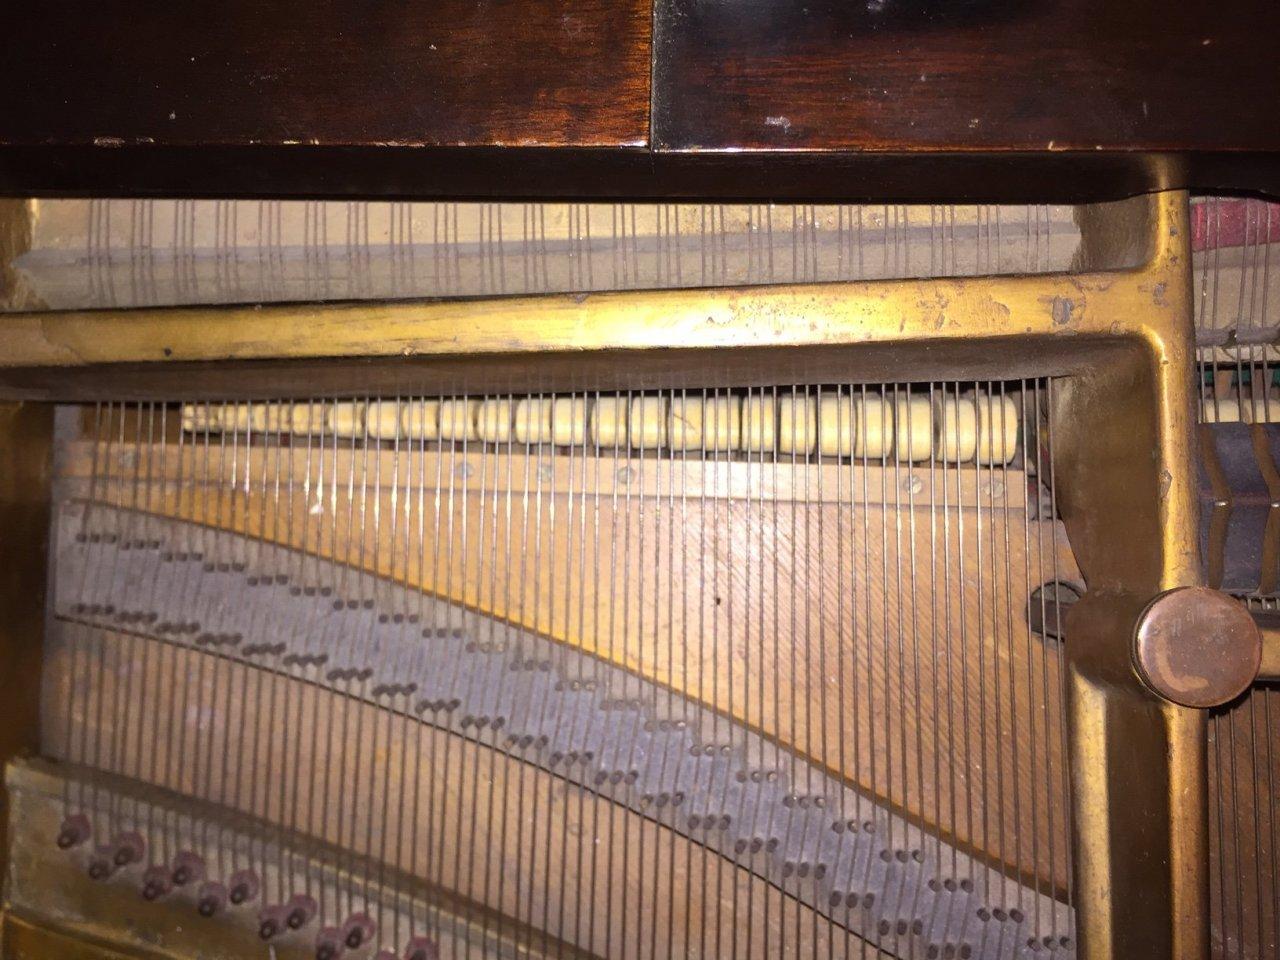 Cracks In The Bridge - Replace Or Repair?   My Piano Friends